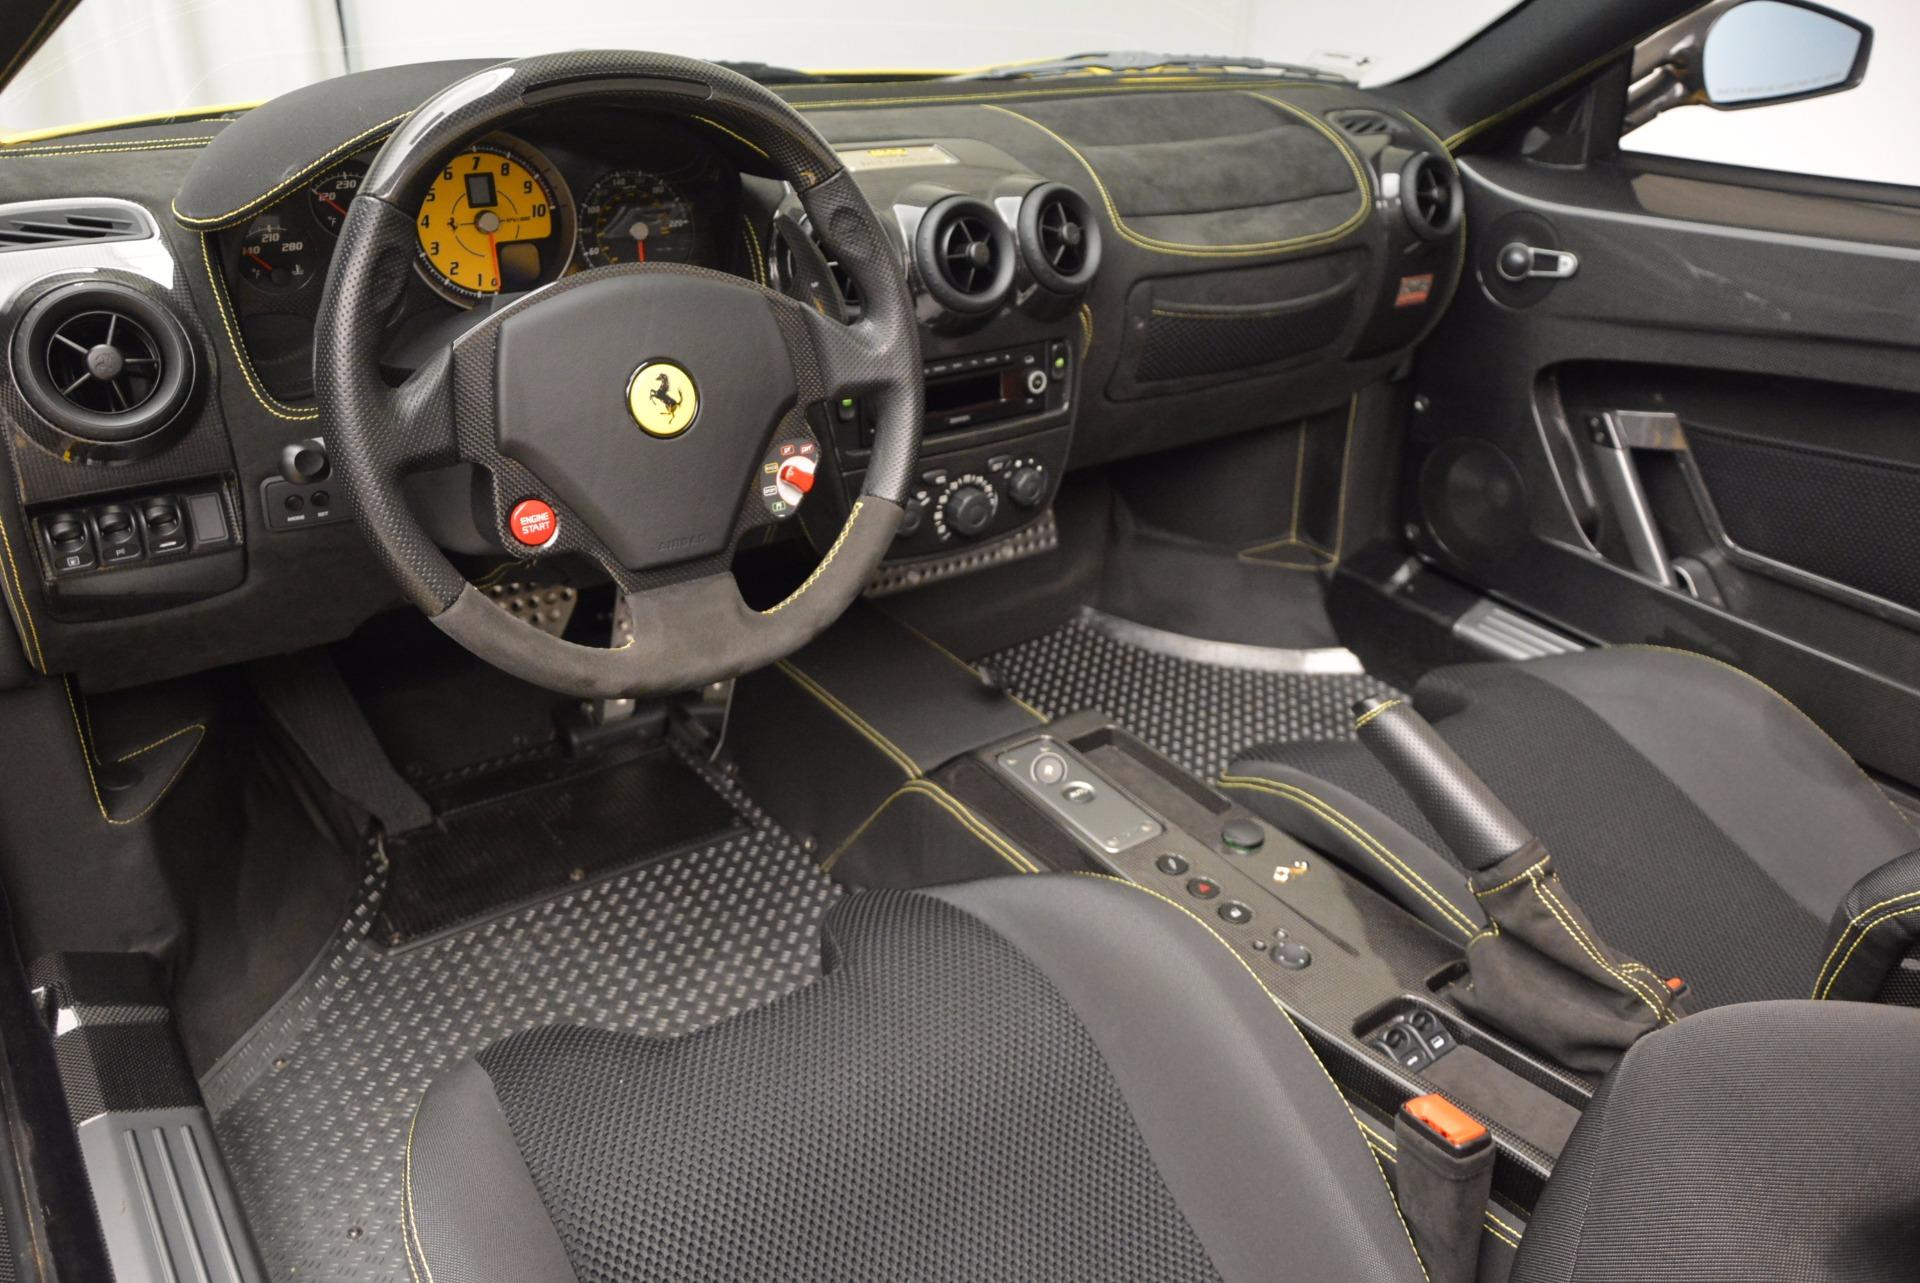 Used 2009 Ferrari F430 Scuderia 16M For Sale In Westport, CT 856_p25